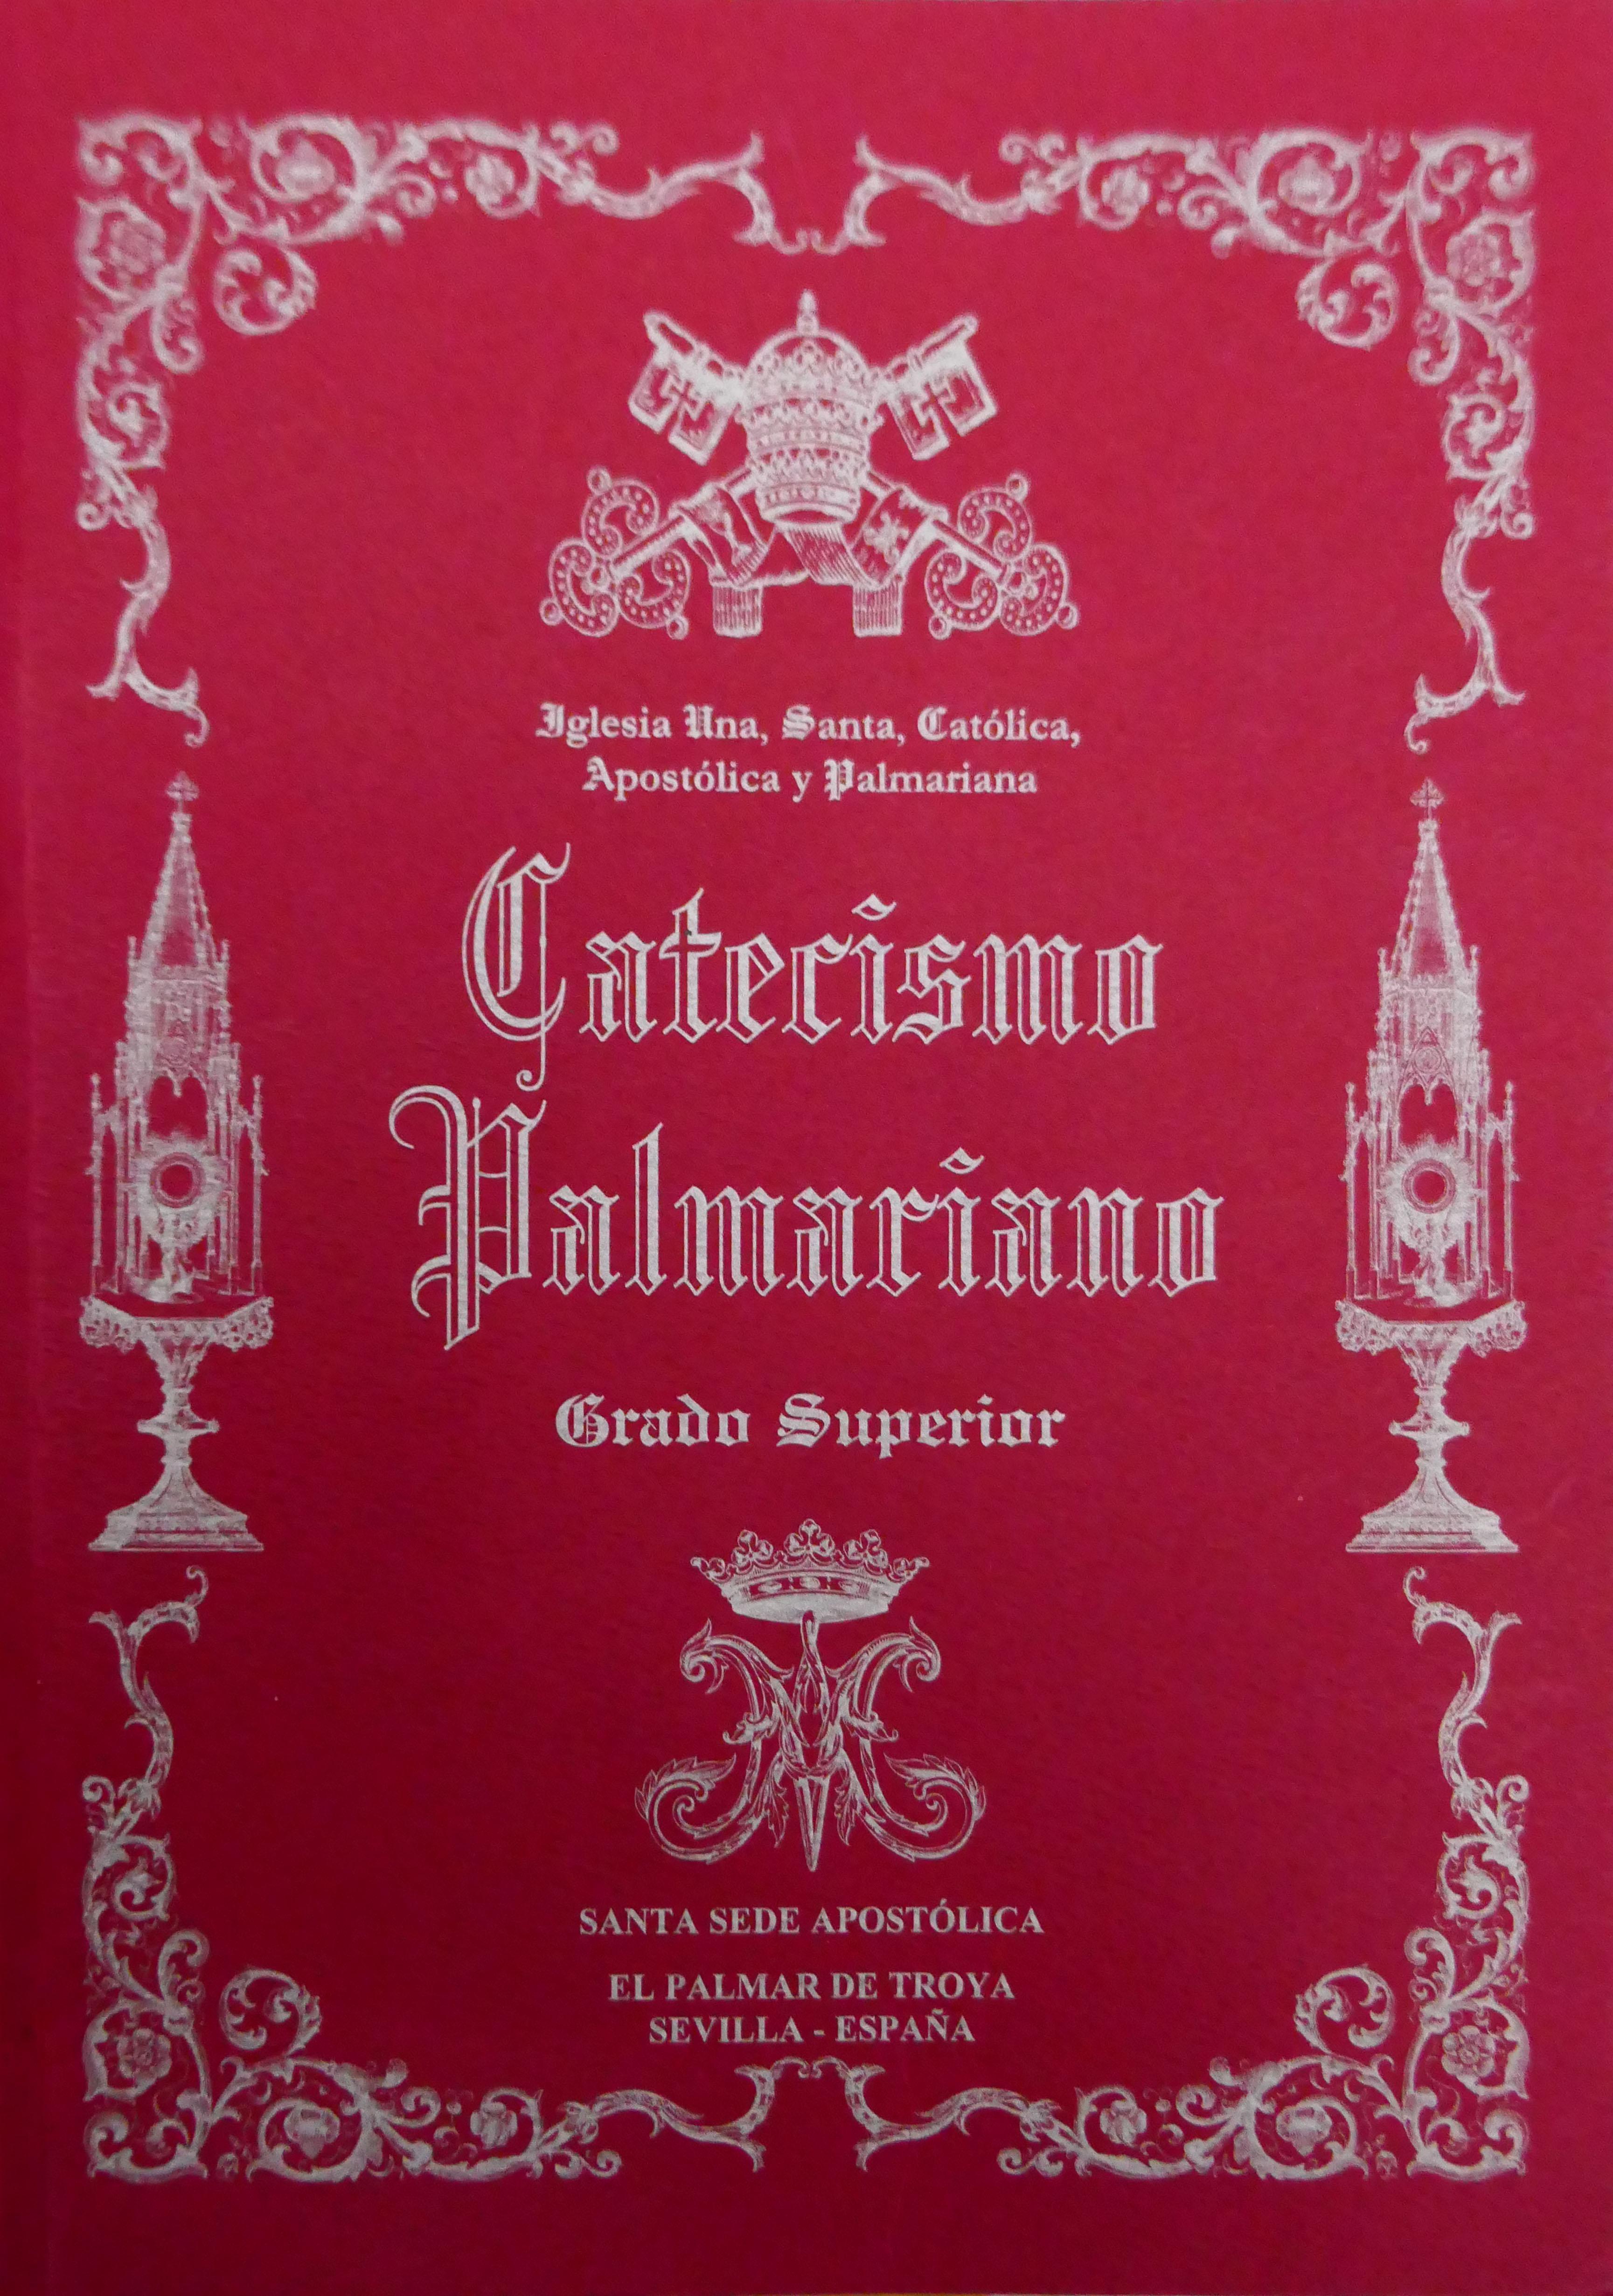 """<a href=""""/wp-content/uploads/2019/03/Catecismo-Palmariano-espanol-extractos.pdf"""" title=""""Extractos del Catecismo Palmariano"""">Extractos del Catecismo Palmariano <br><br>Ver más"""